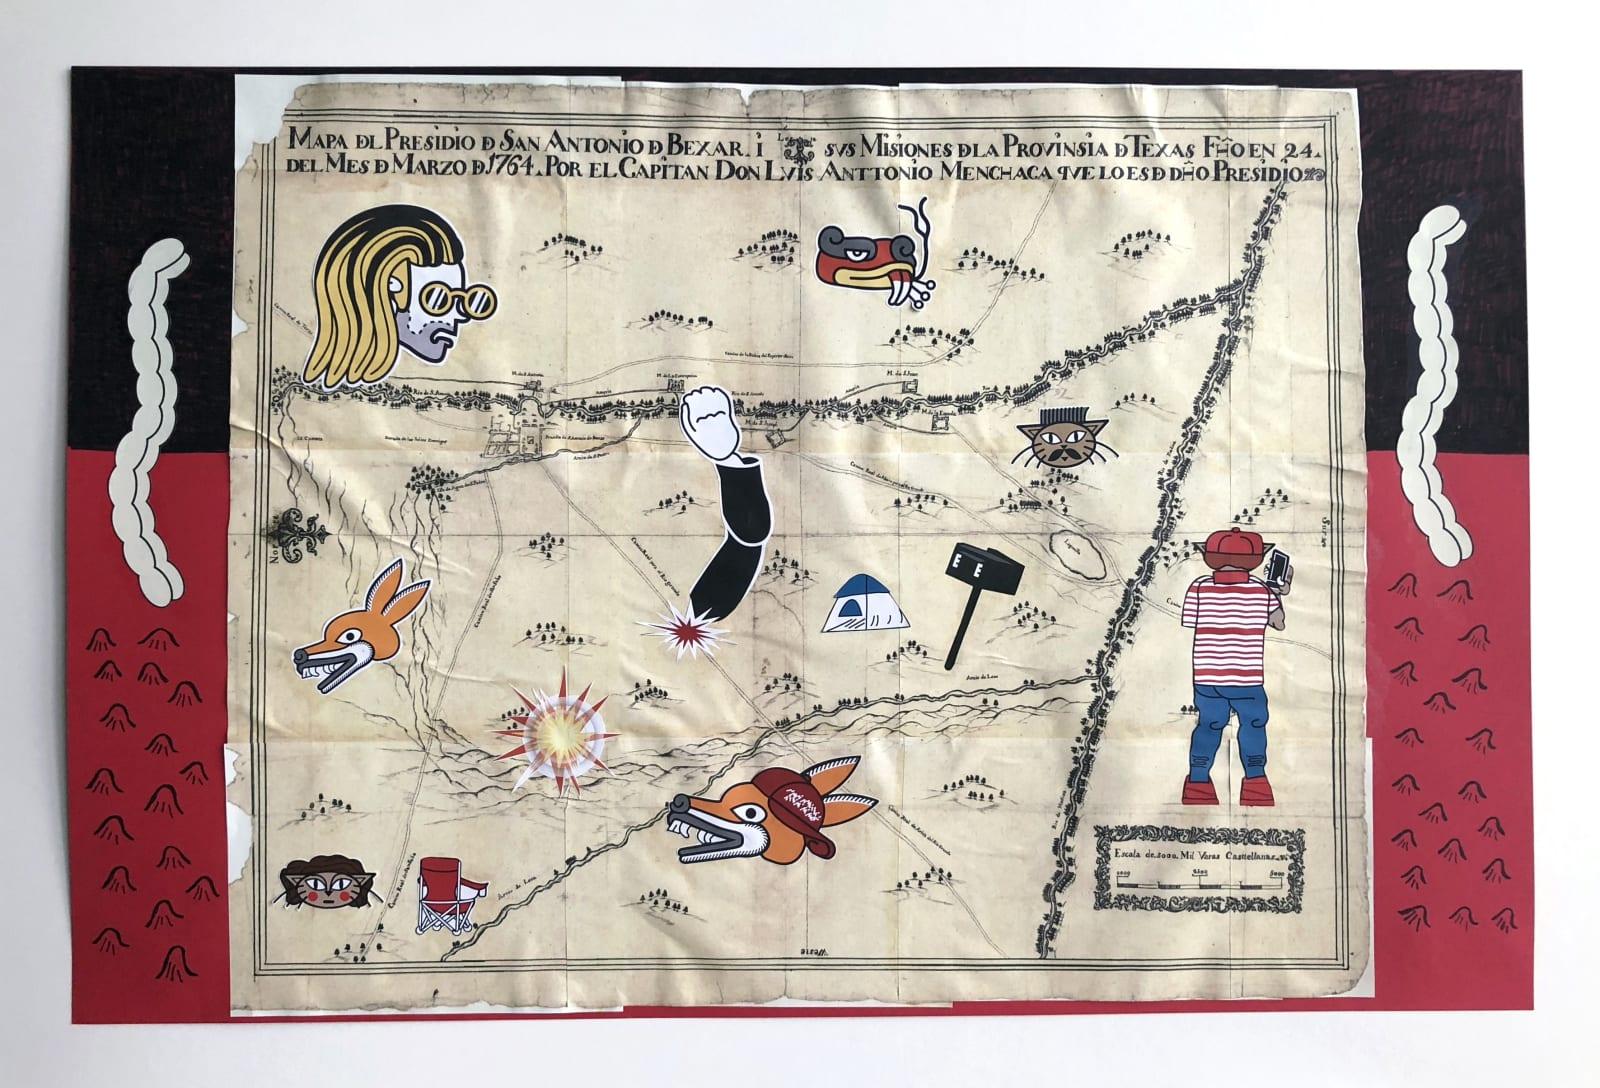 Michael Menchaca Mapa de San Antonio y sus misiones en el aniversario de trecientos anos, despues del Capitan Don Luis Antonio Menchaca, 2018